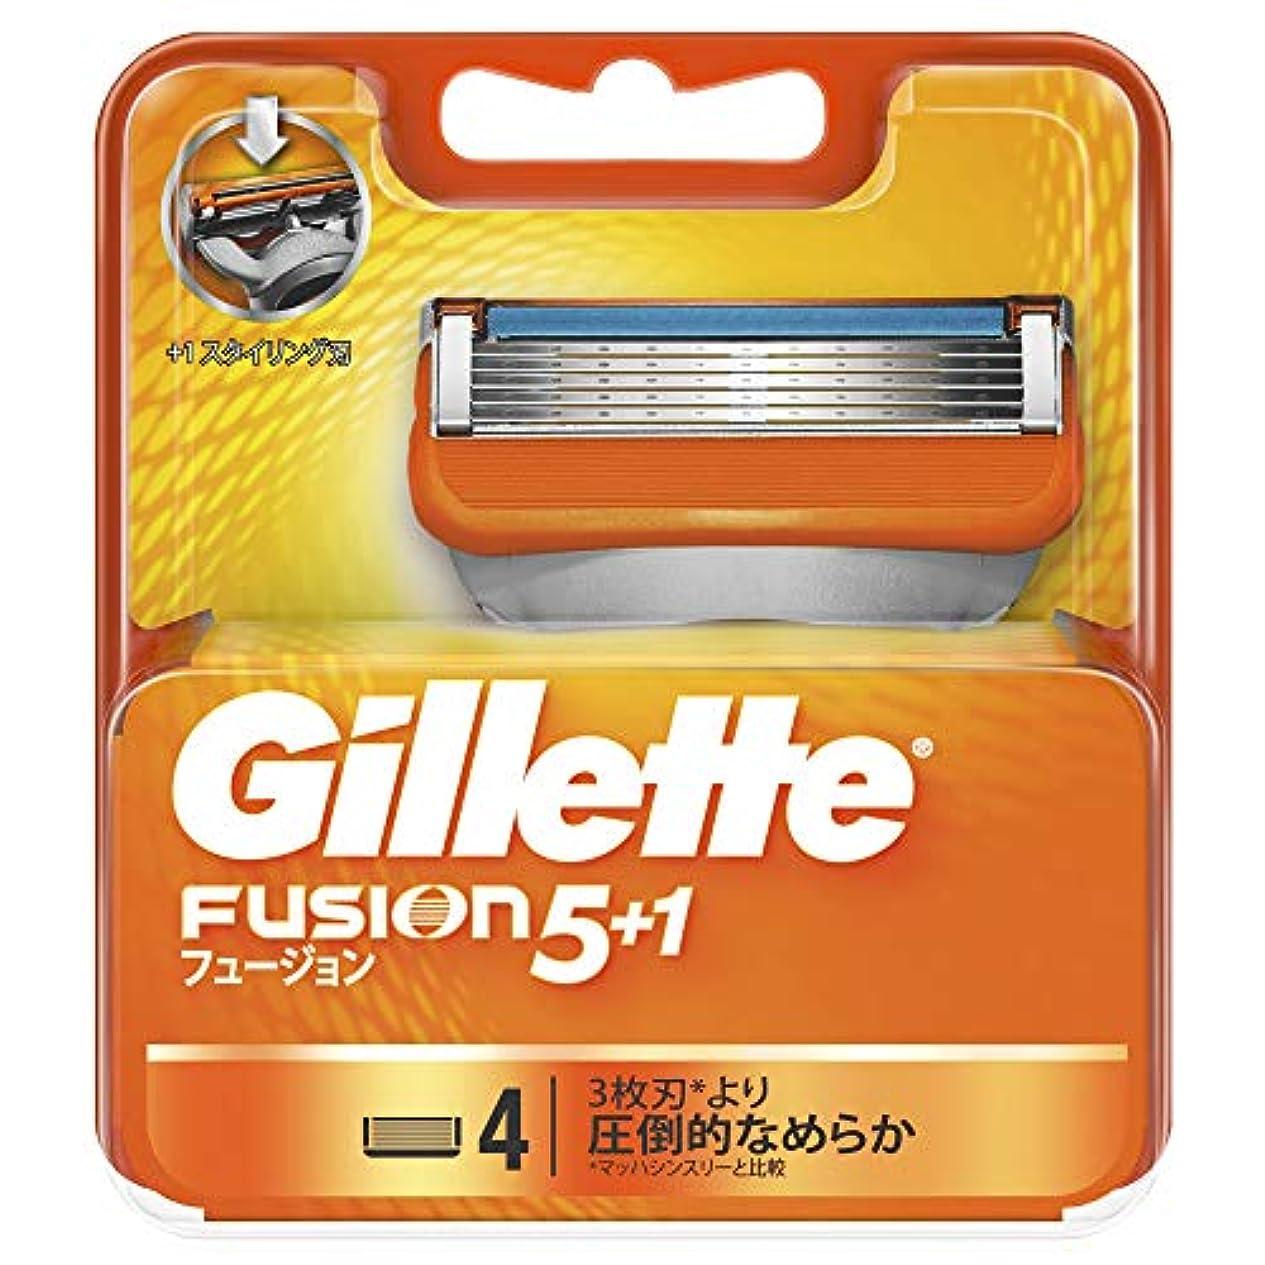 モネわがまま選択ジレット フュージョン5+1 マニュアル 髭剃り 替刃 4コ入